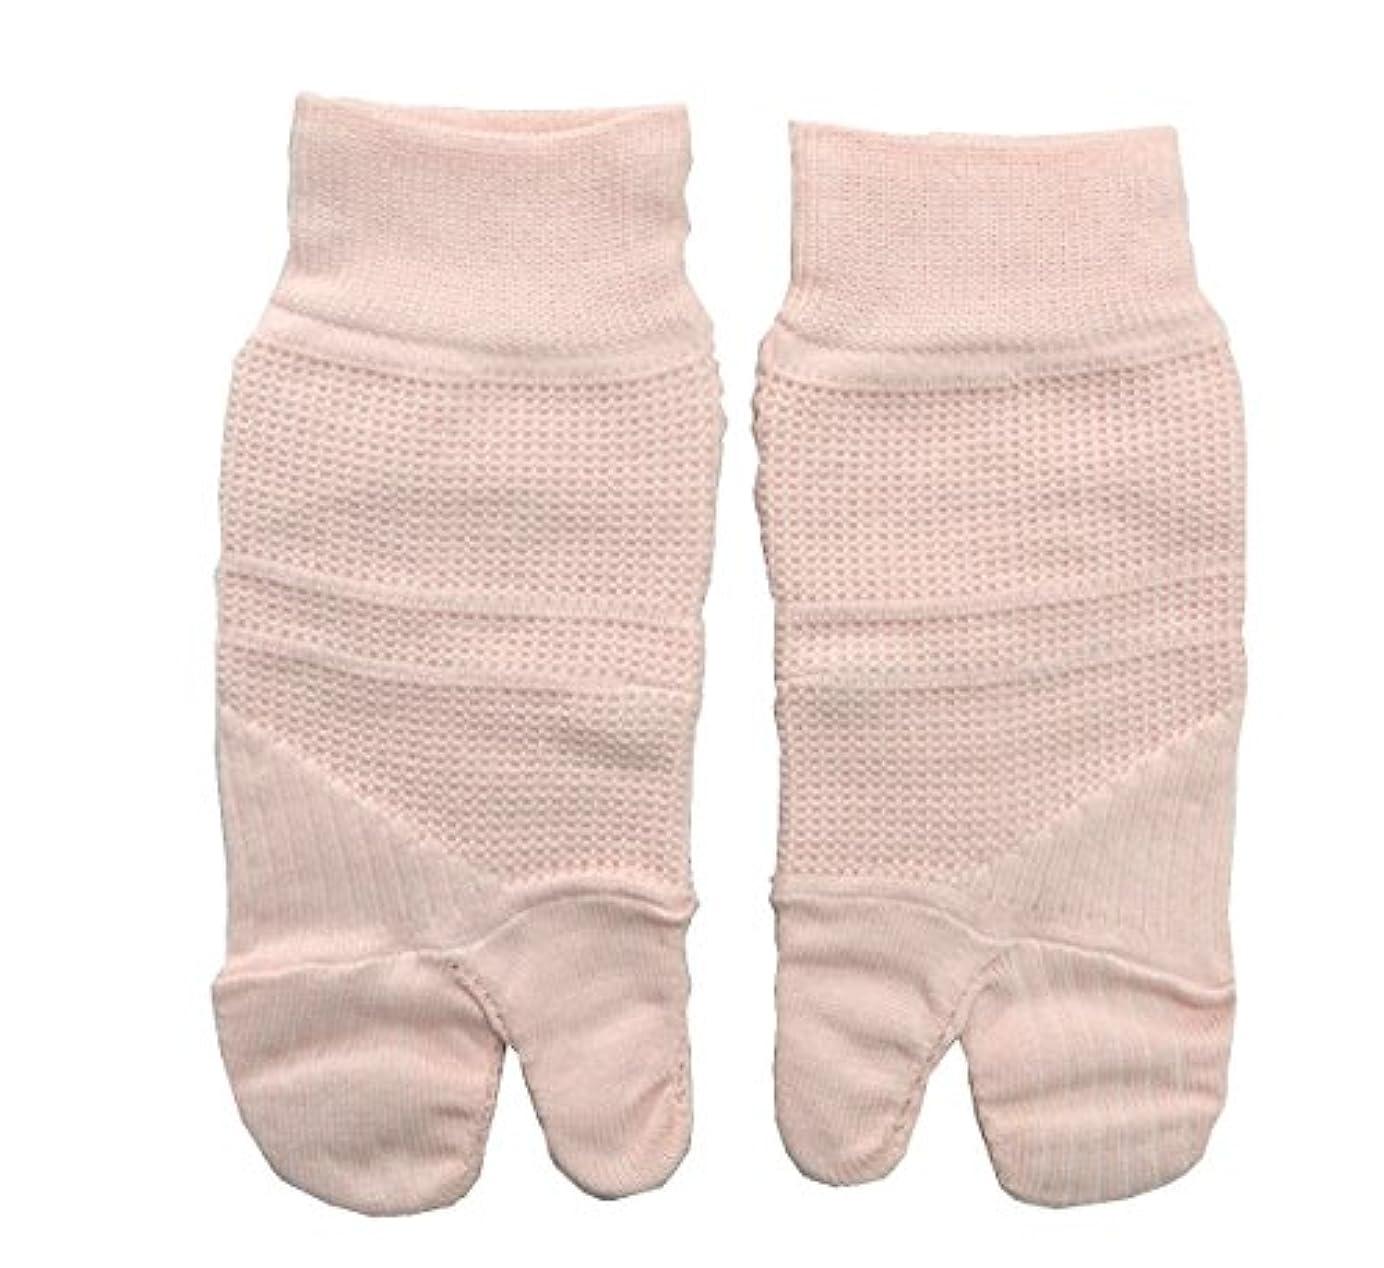 黄ばむグループまた明日ね外反母趾対策靴下(通常タイプ) 着用後でもサイズ交換無料??着用後でも返品可